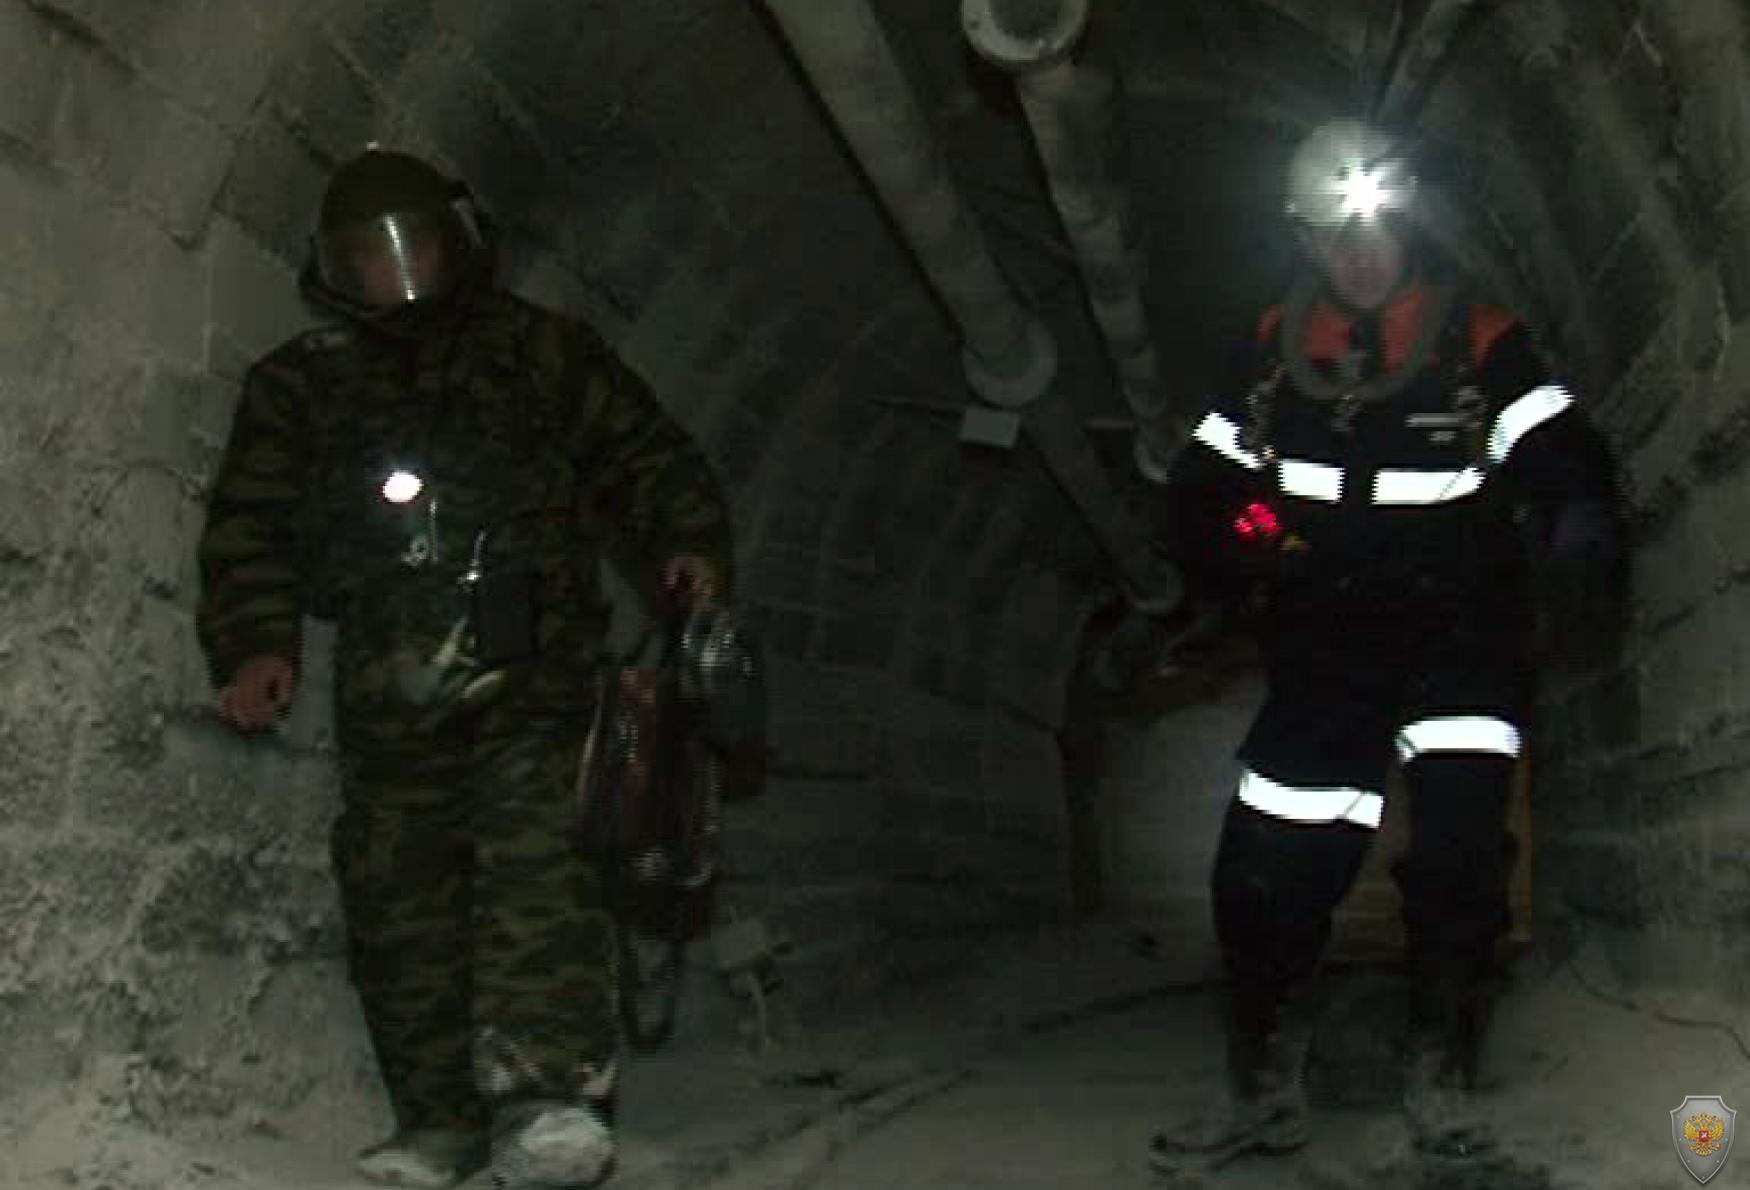 Сотрудники ВГСО и ОМОН группы ликвидации угрозы взрывов осуществляют поиск взрывных устройств в шахте